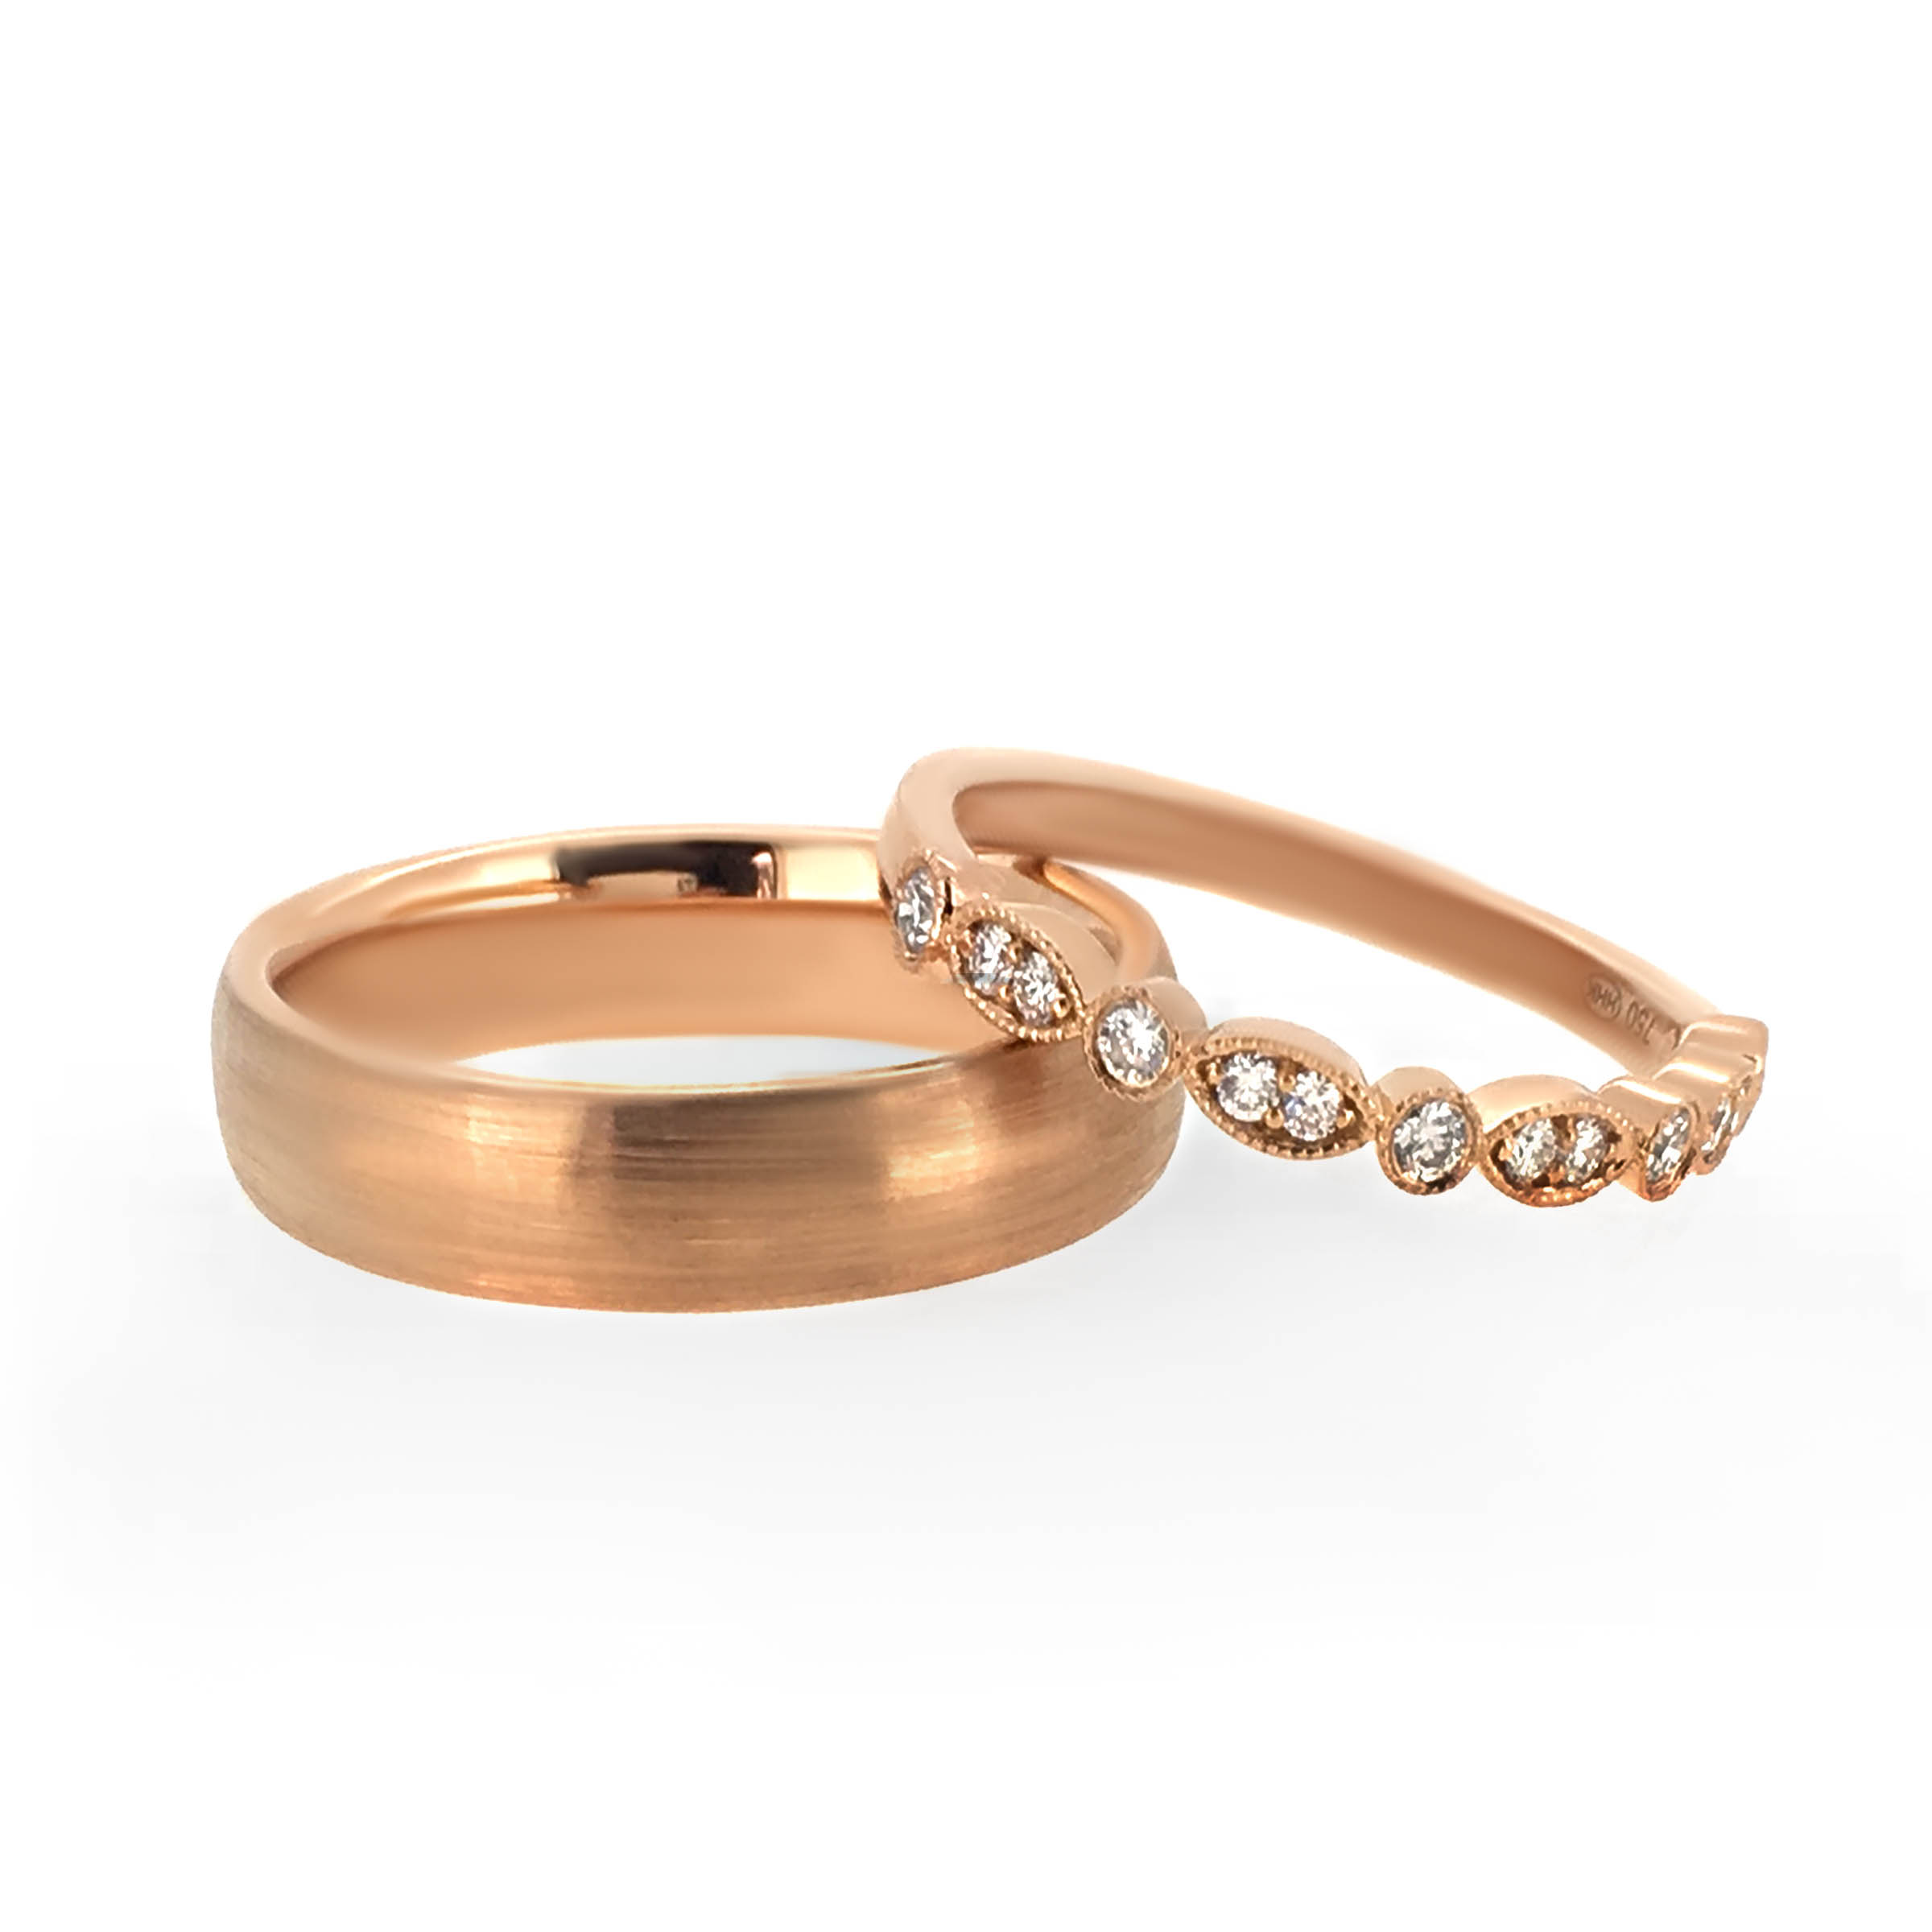 rose gold diamond wedding bands- haywards of hong kong